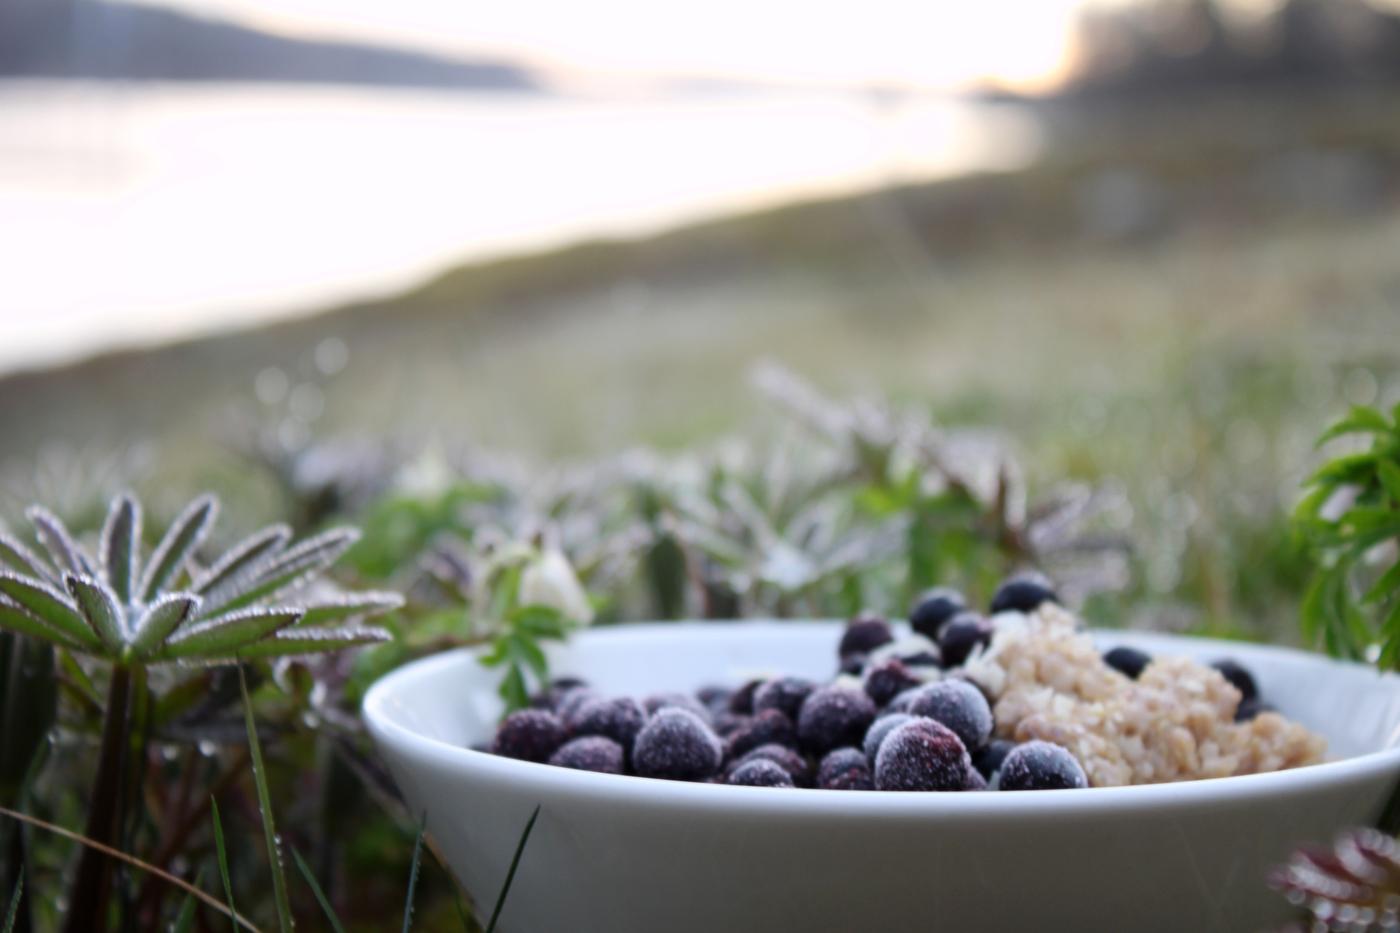 Puuromaailman kolme kovaa – kaura, kvinoa ja kookos